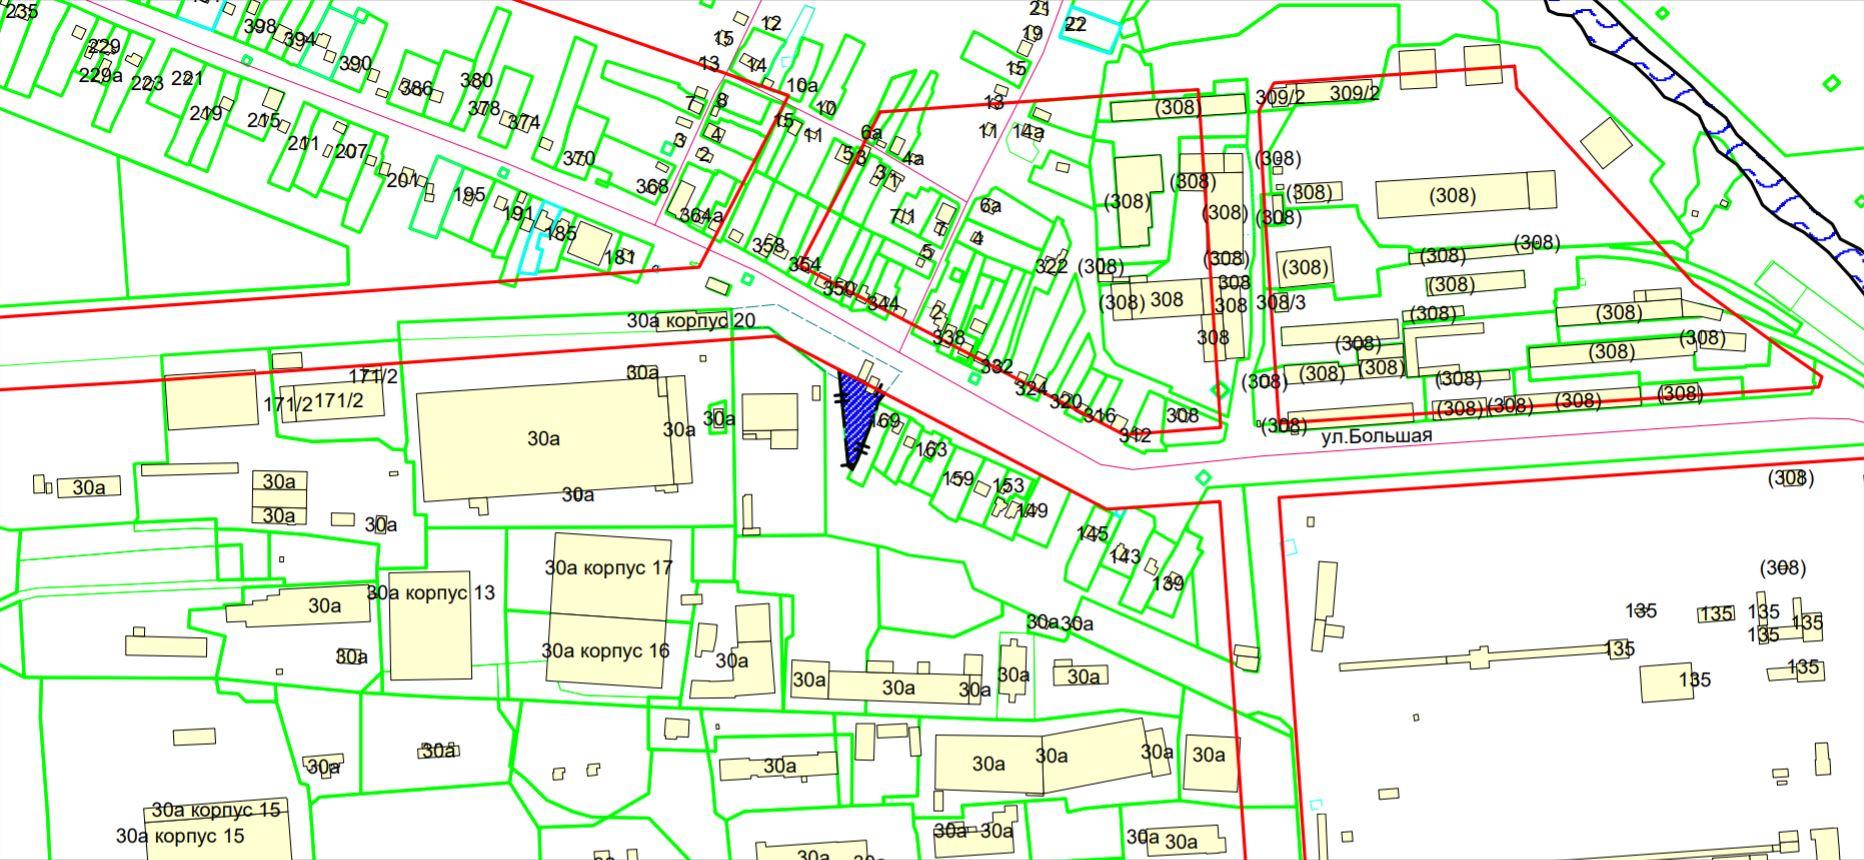 Схема расположения земельного участка по адресу: ул. Большая, з/у 171, Ленинский район